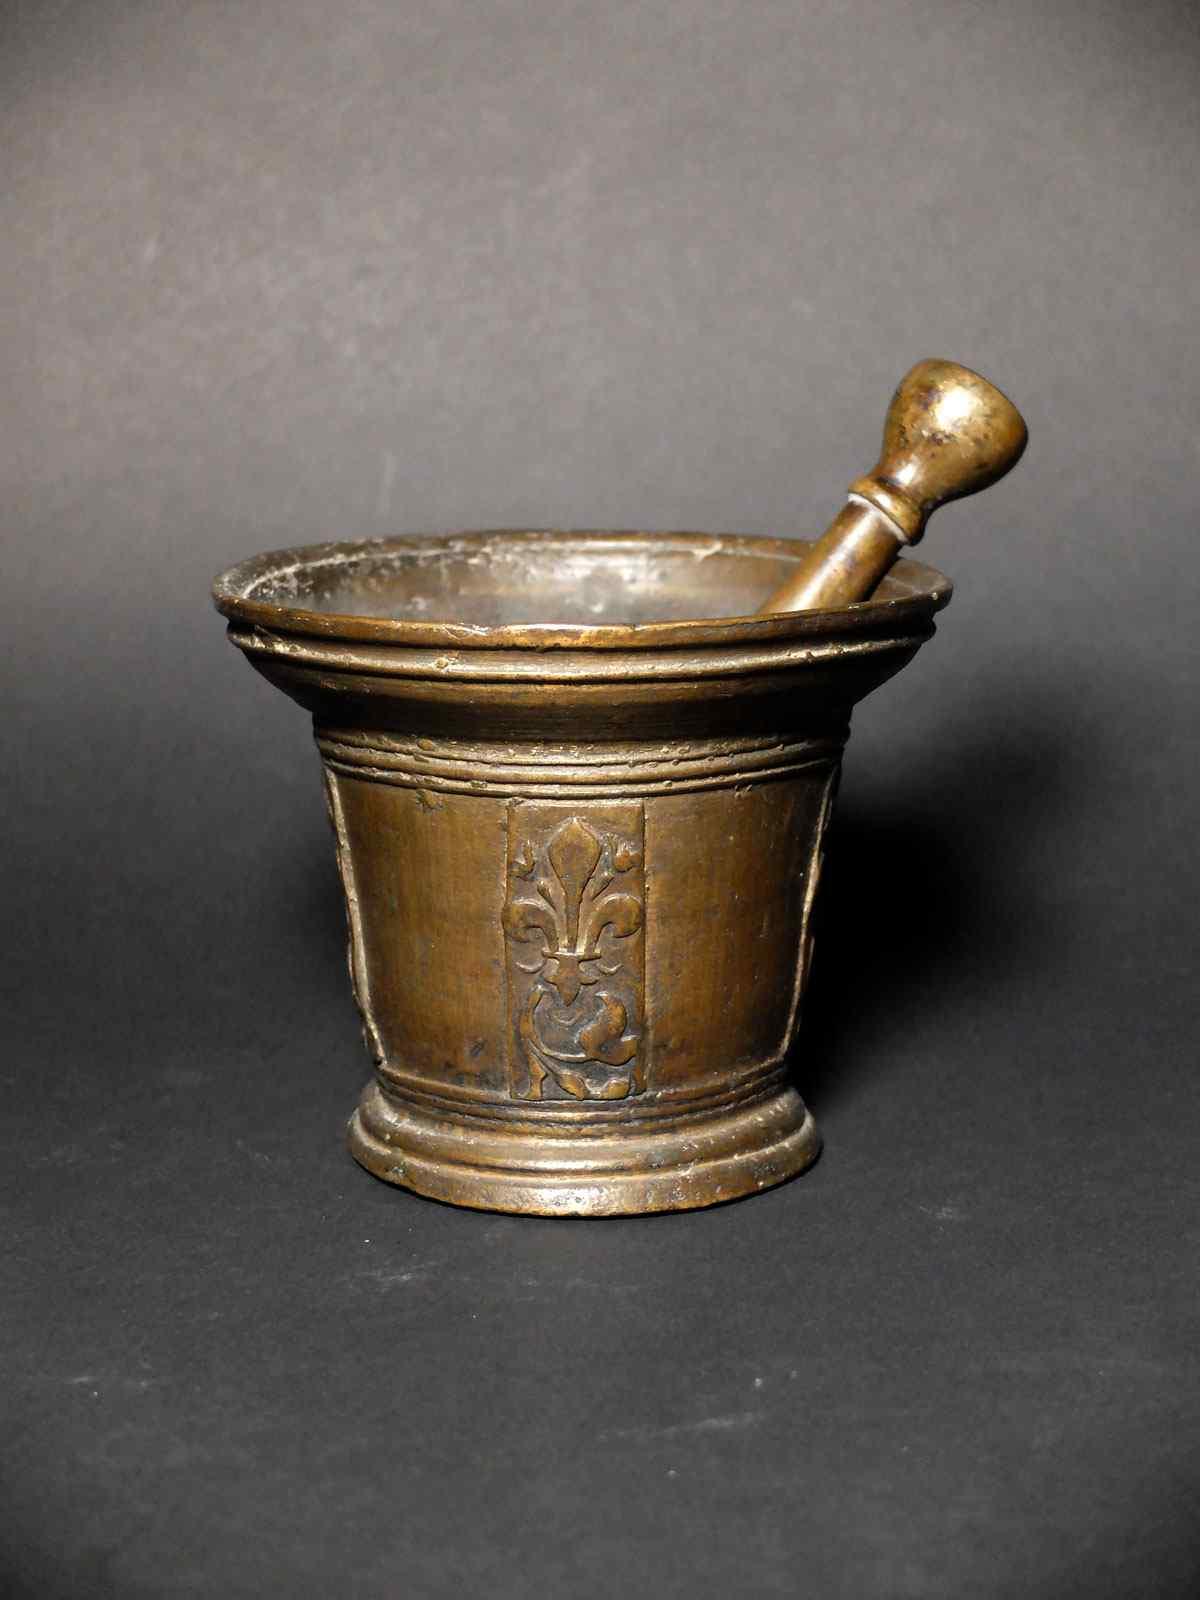 Fleurdelysé mortar and pestle - France XVIIth century